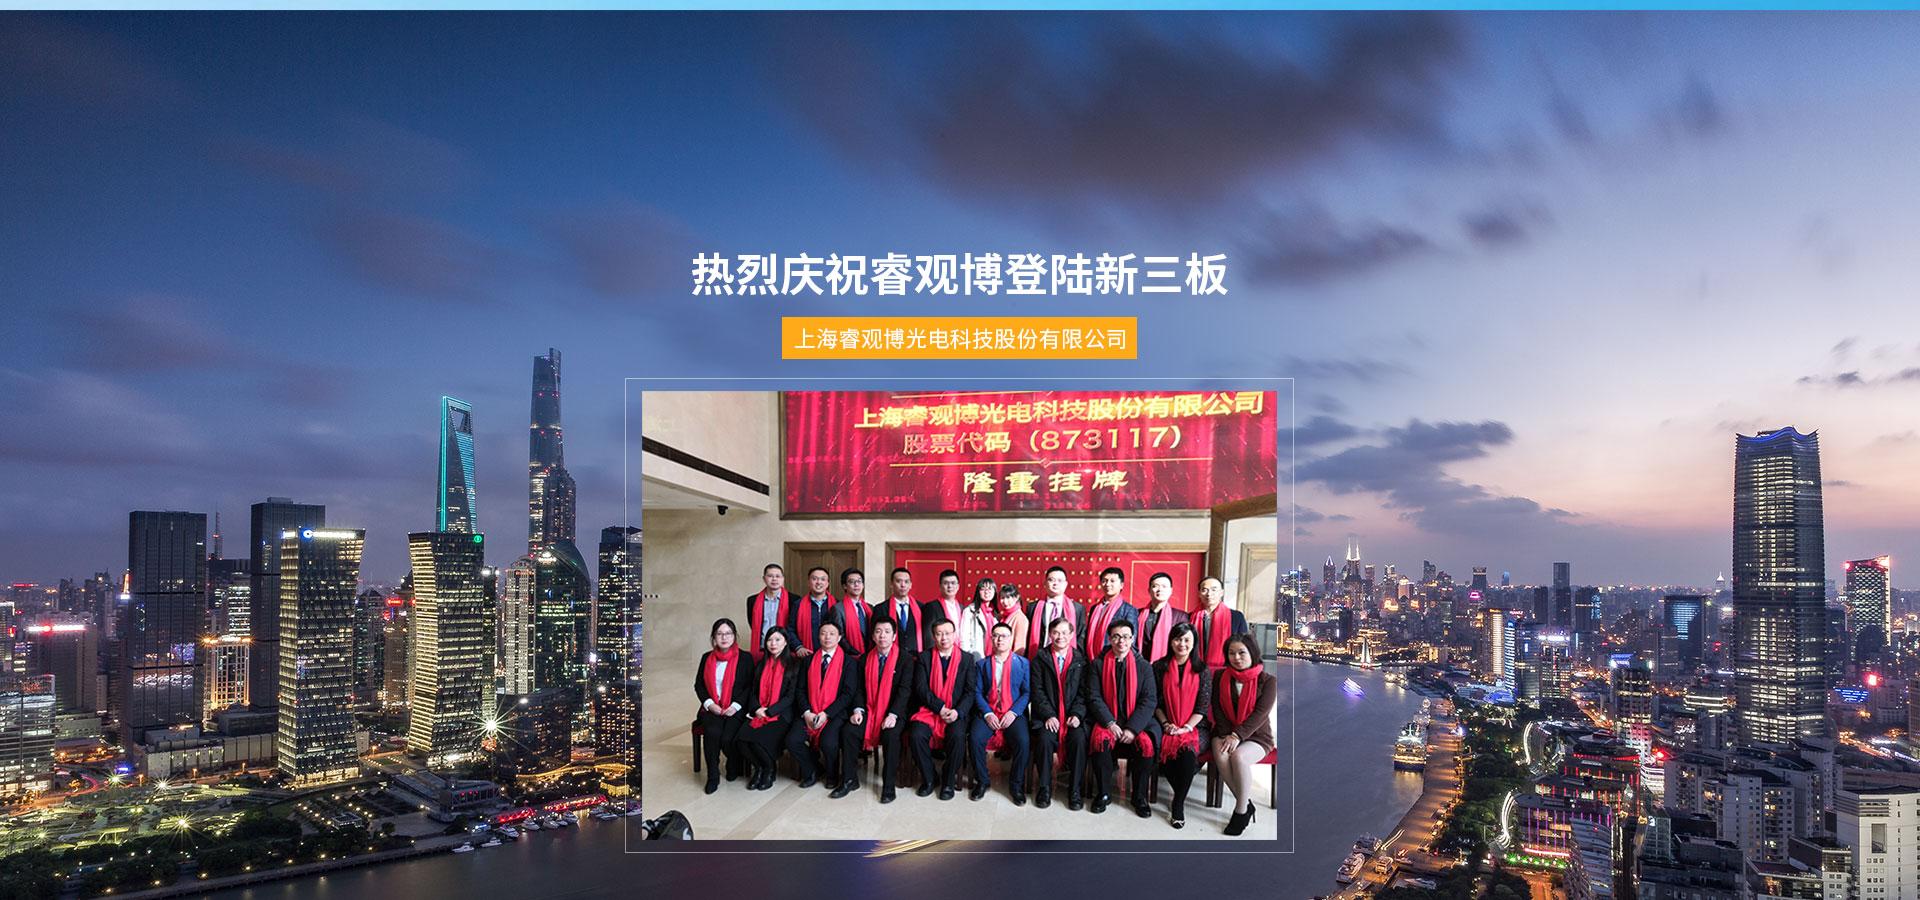 上海睿观博光电科技股份有限公司